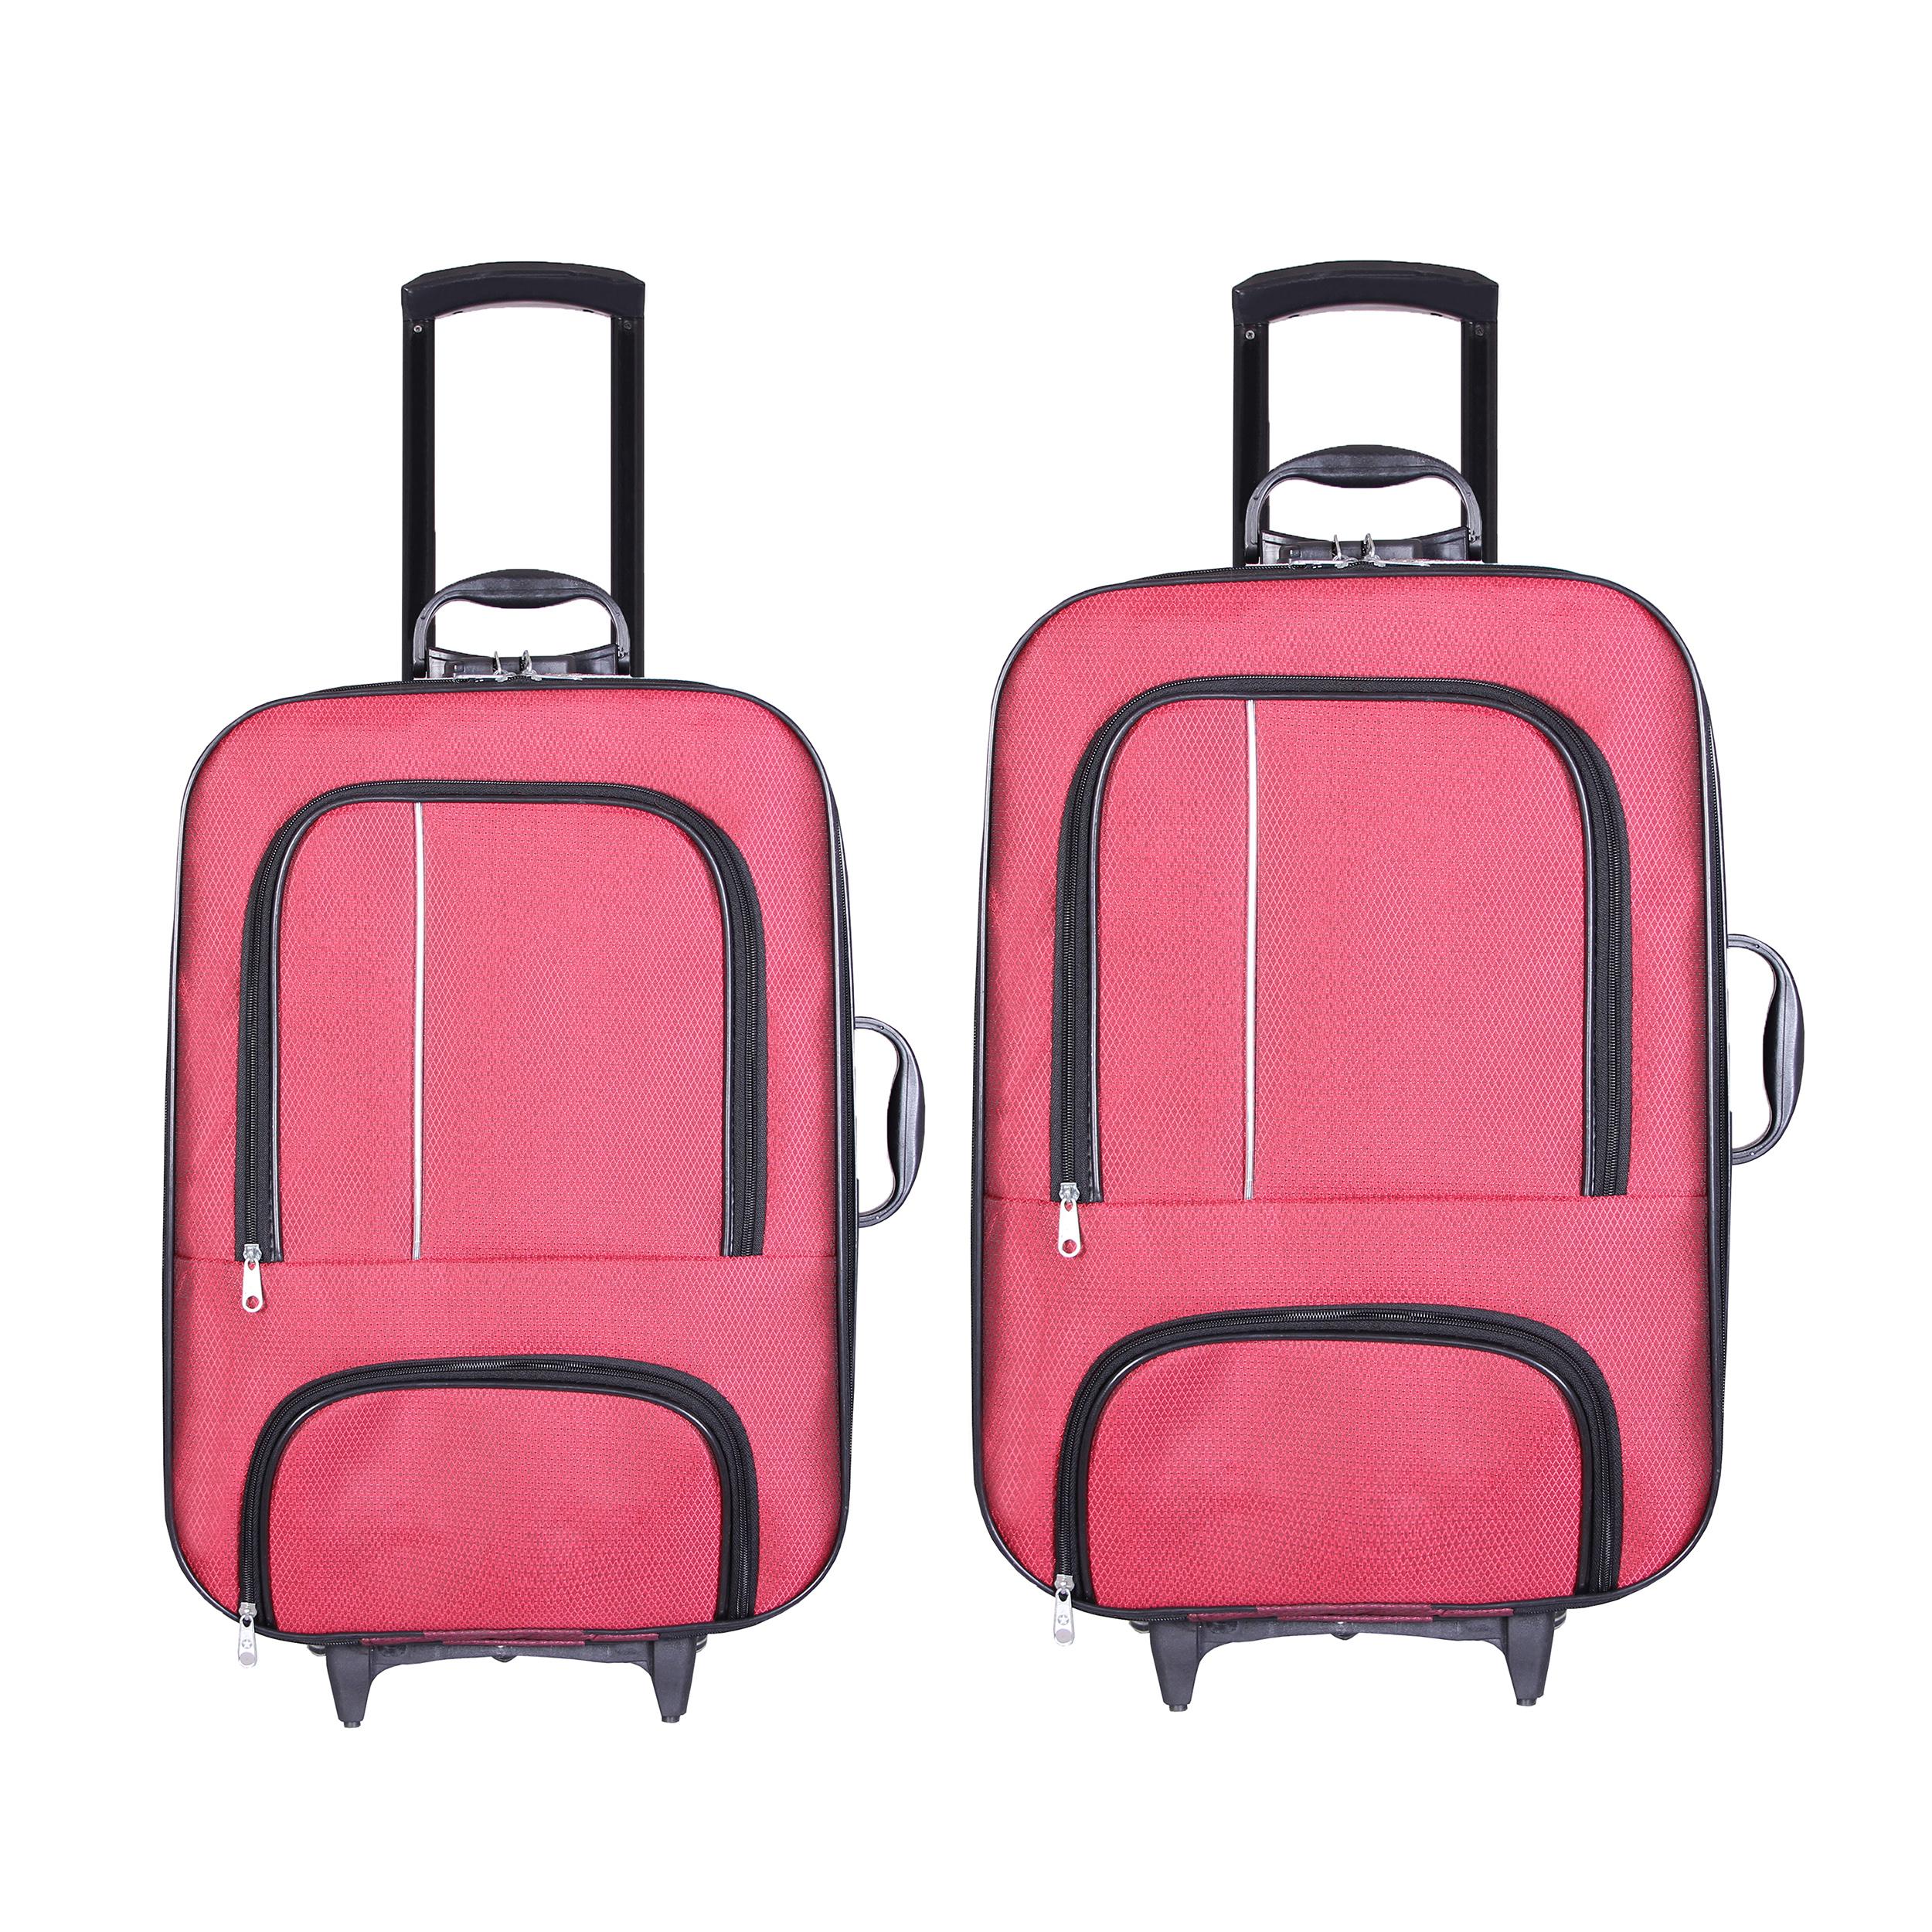 مجموعه دو عددی چمدان پرواز مدل M01000